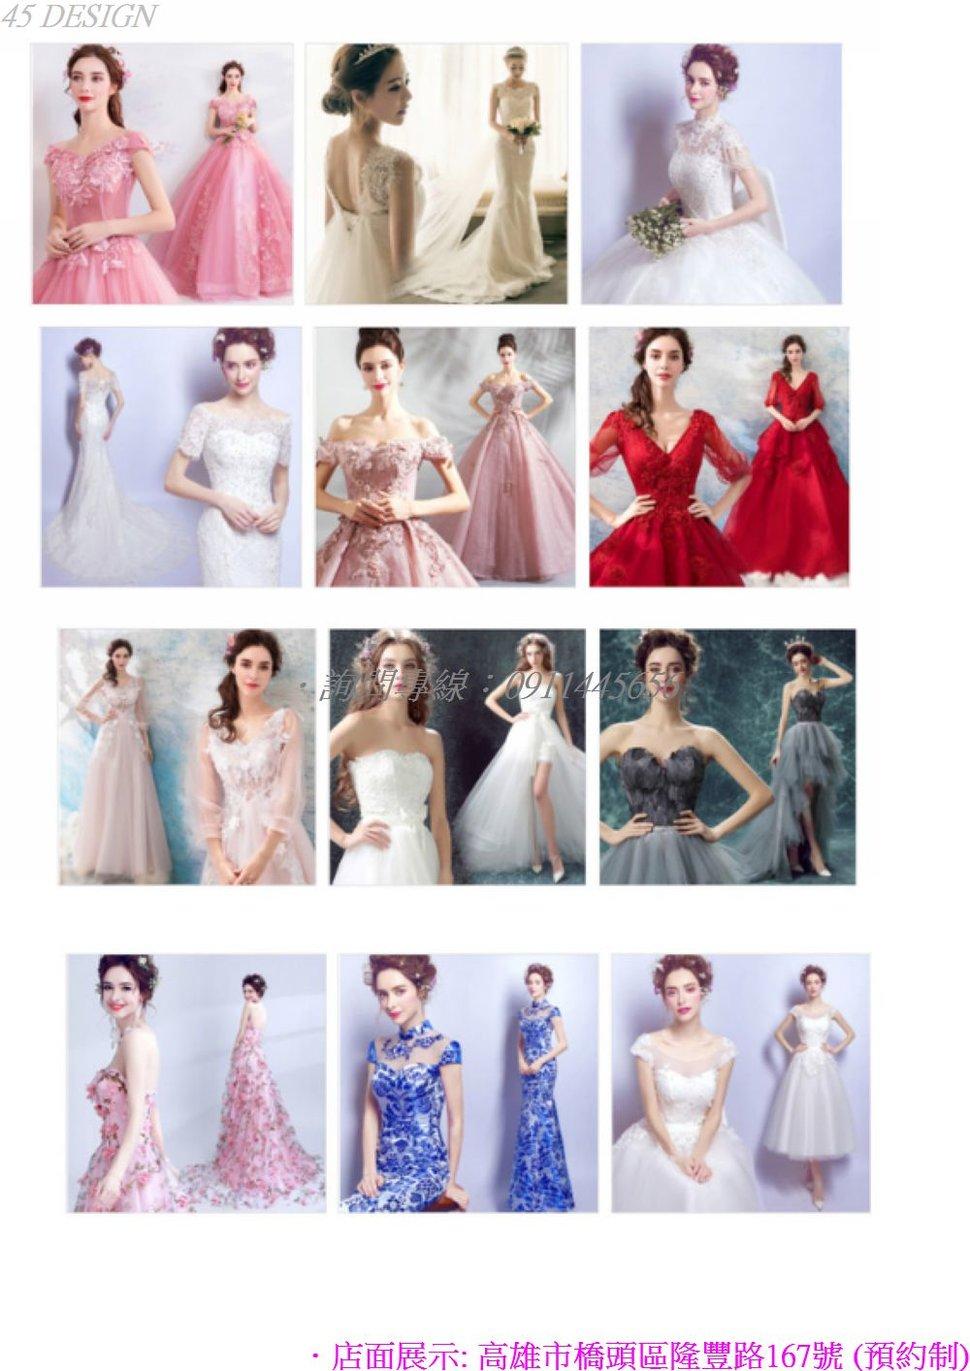 下載 - 全台最便宜-45DESIGN四五婚紗禮服《結婚吧》